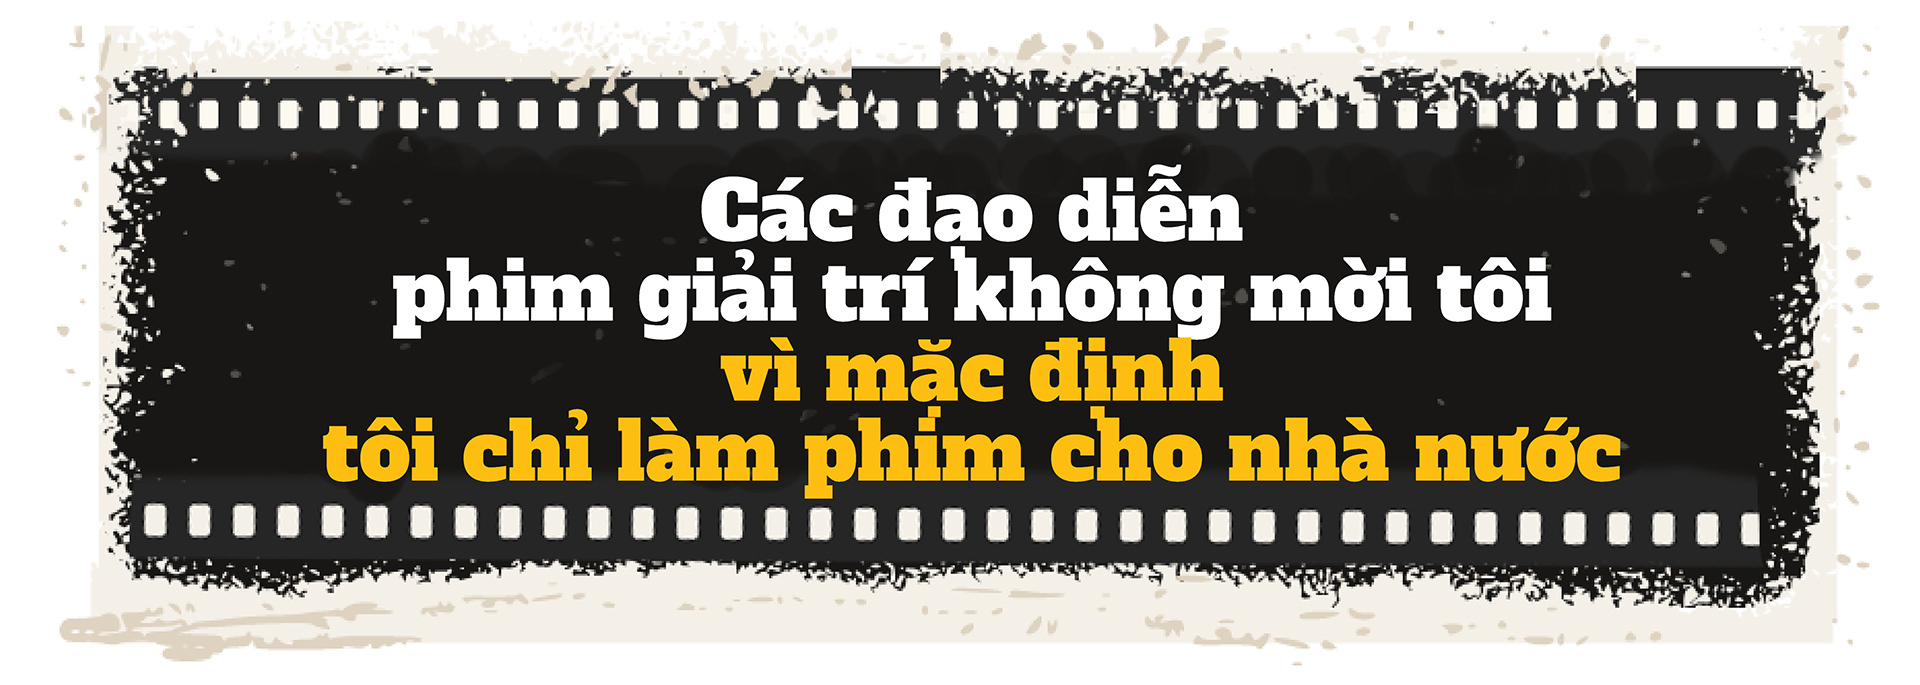 Diễn viên – đạo diễn Hồng Ánh: Tôi có cuộc sống khác biệt với số đông nhưng hạnh phúc theo cách riêng - Ảnh 7.